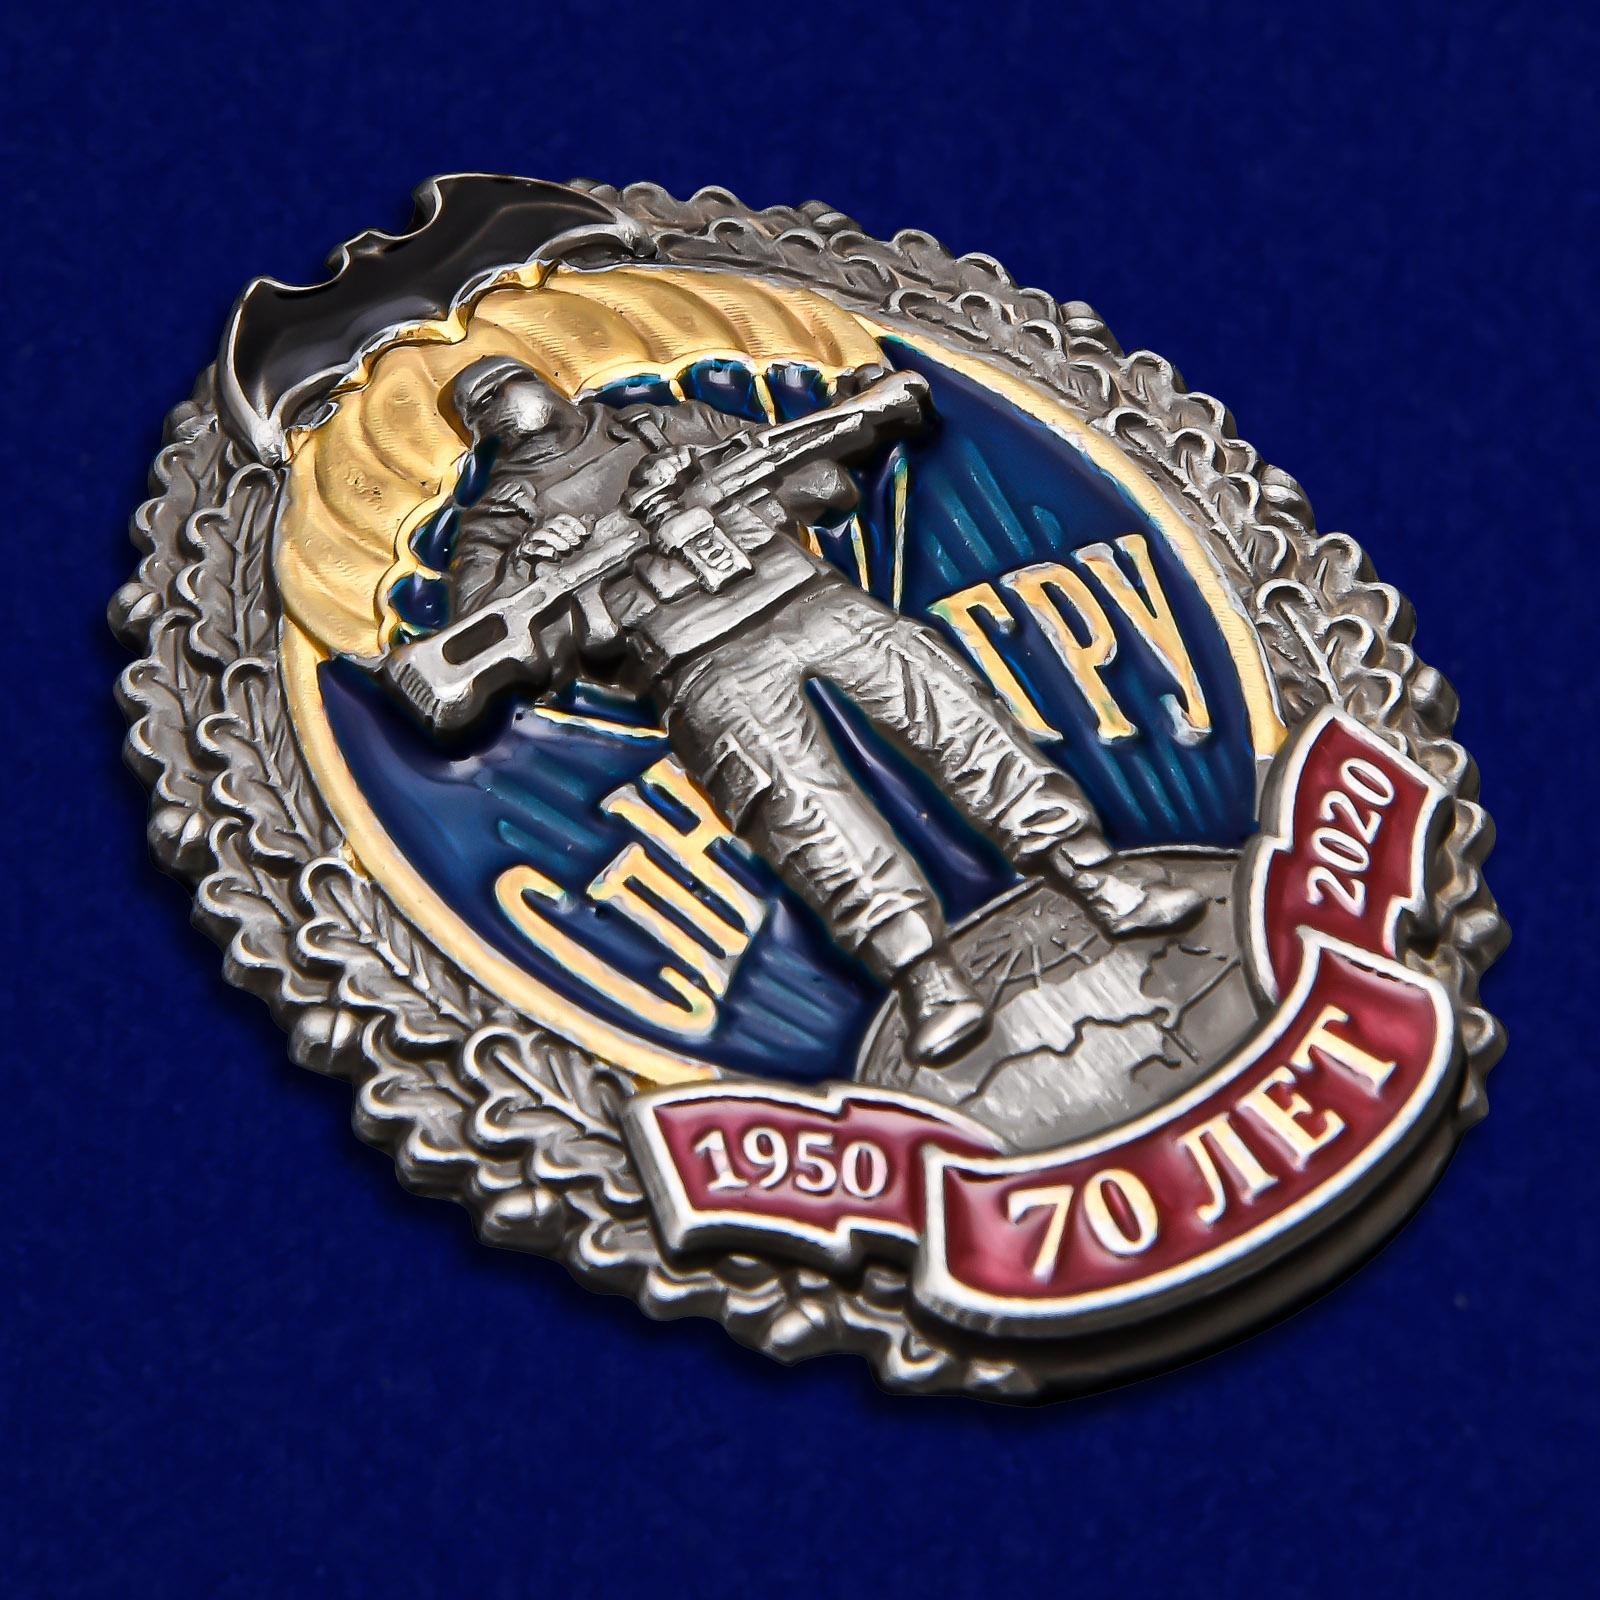 Памятный знак к 70-летию Спецназа ГРУ - общий вид